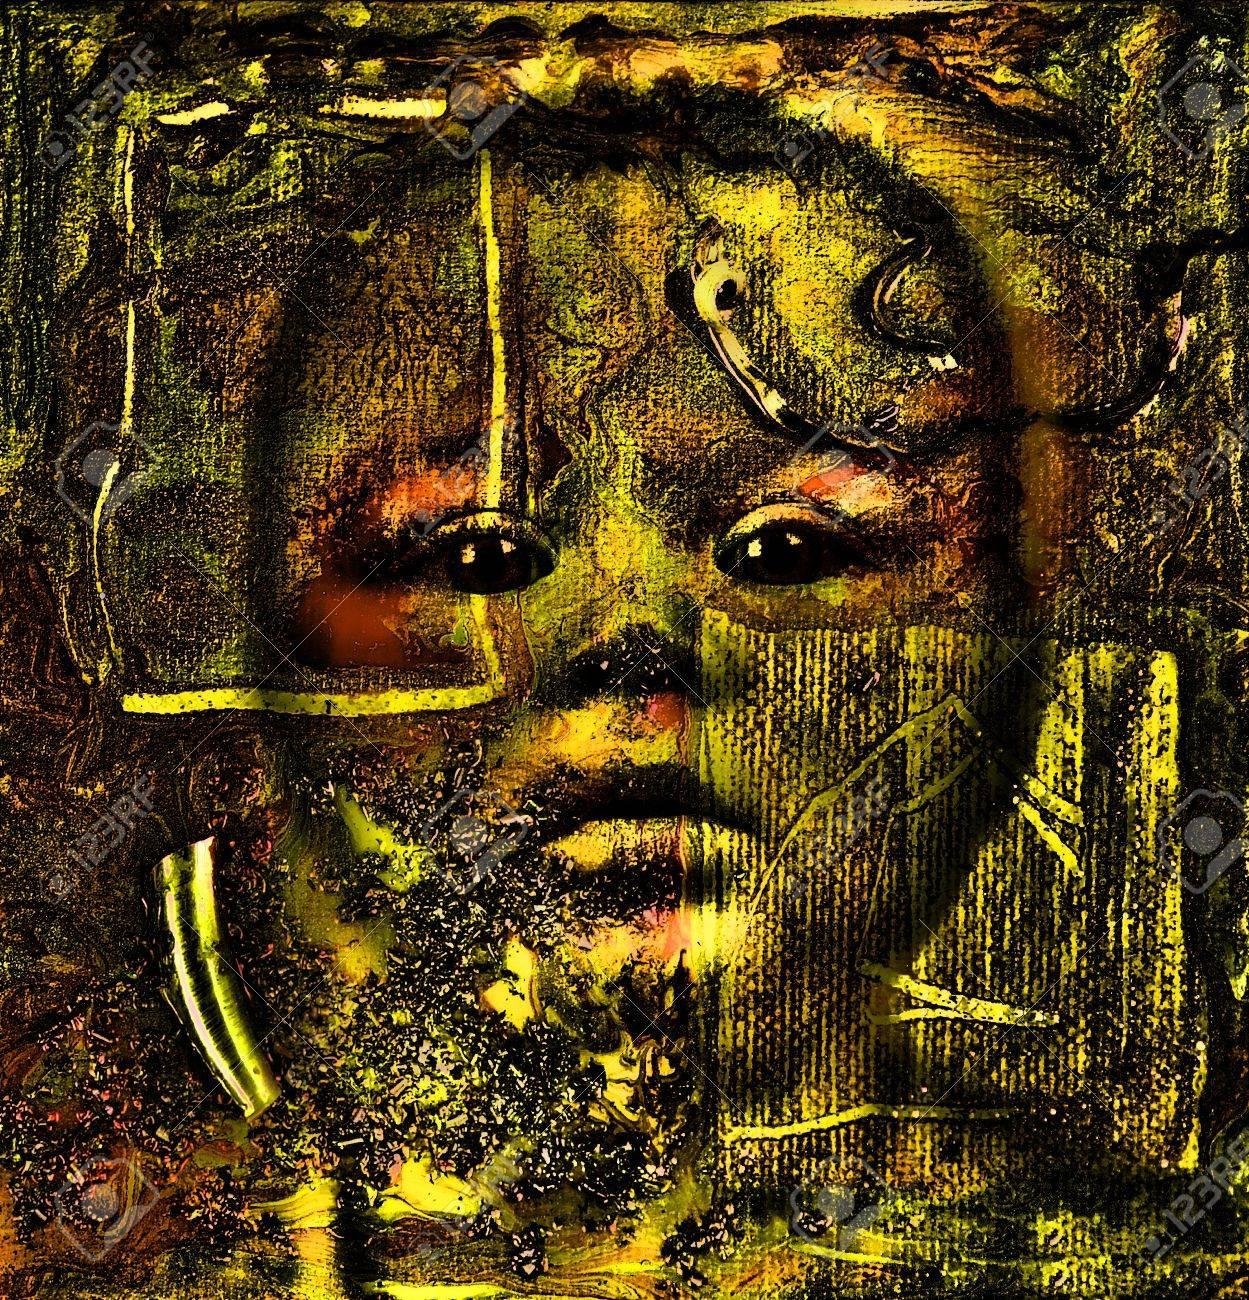 Schones Bild Eines Original Oil Painting Collage Auf Leinwand